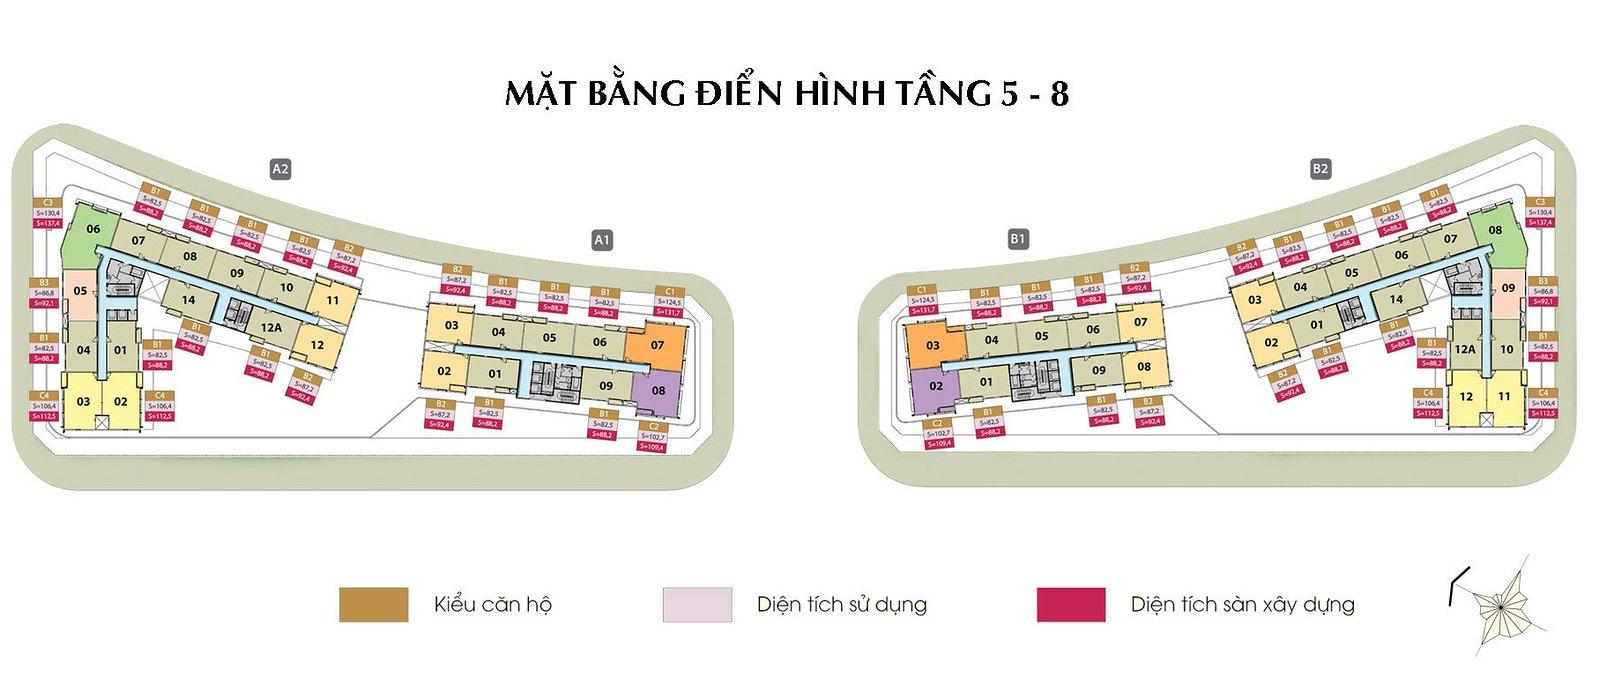 Mặt bằng tầng điển hình căn hộ cao cấp Sarimi - Đại Quang Minh; Gồm 4 Block: A1, A2, B1, B2